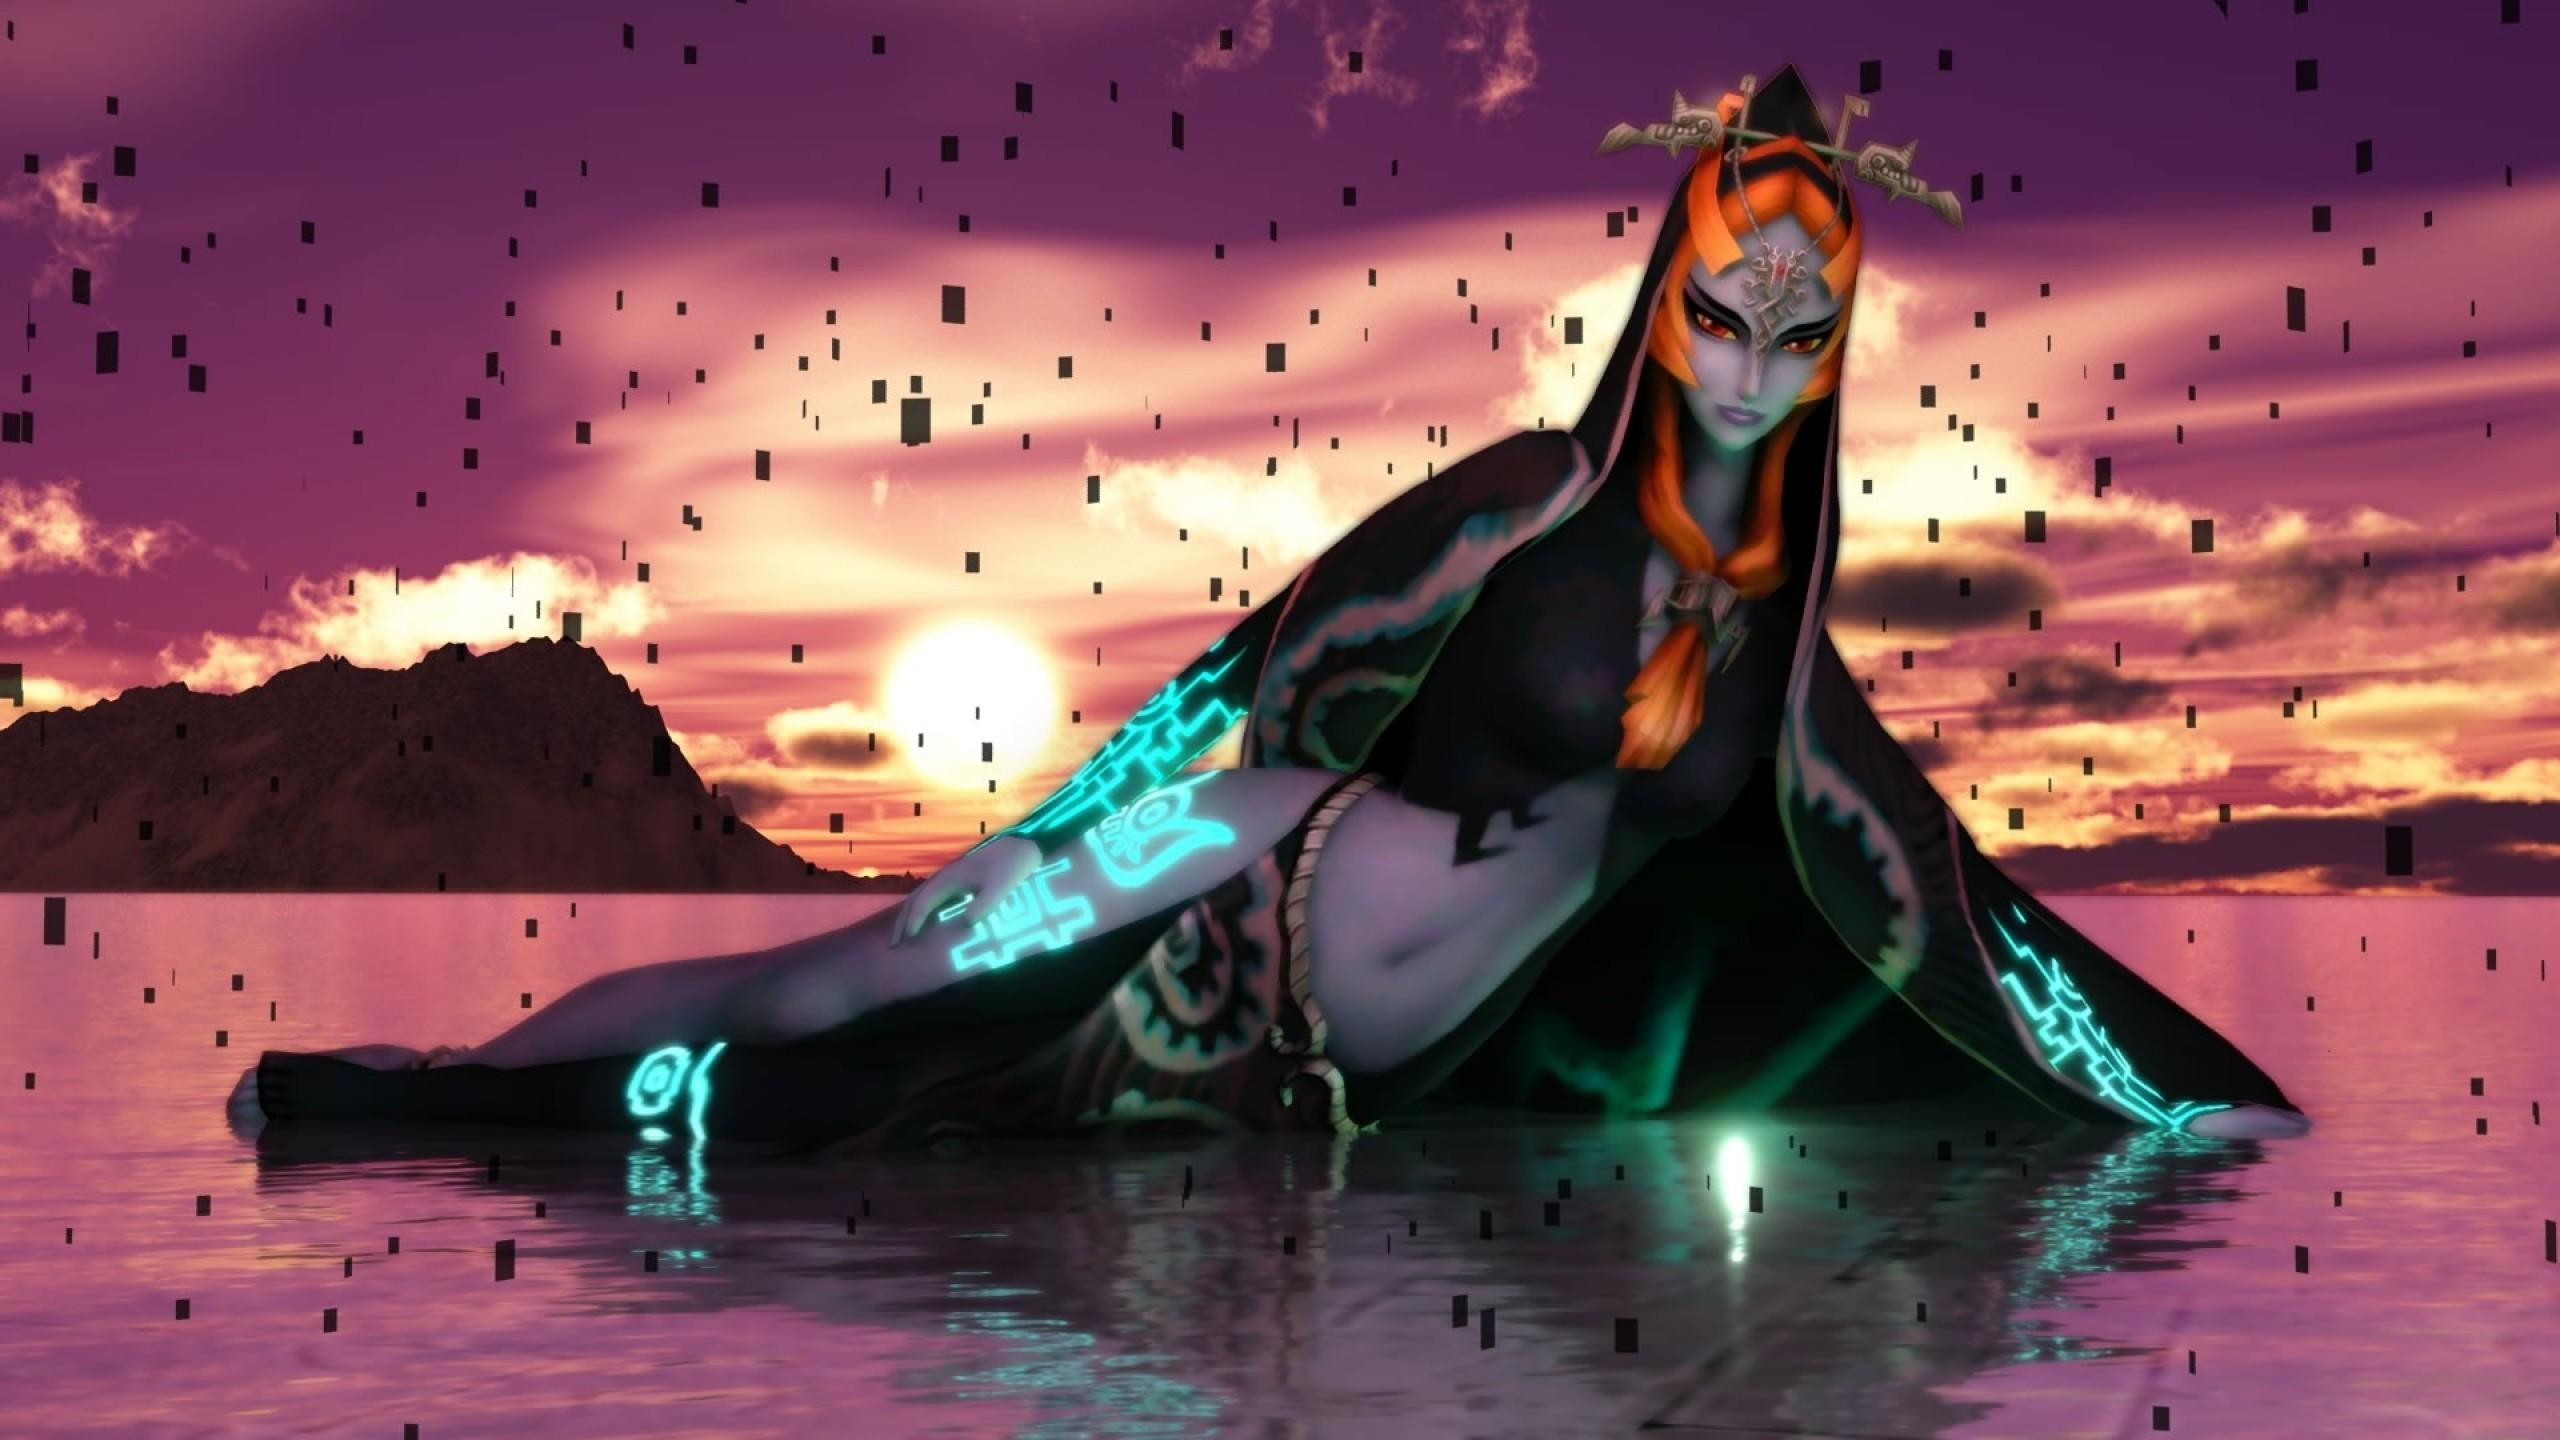 the legend of zelda midna Wallpaper HD